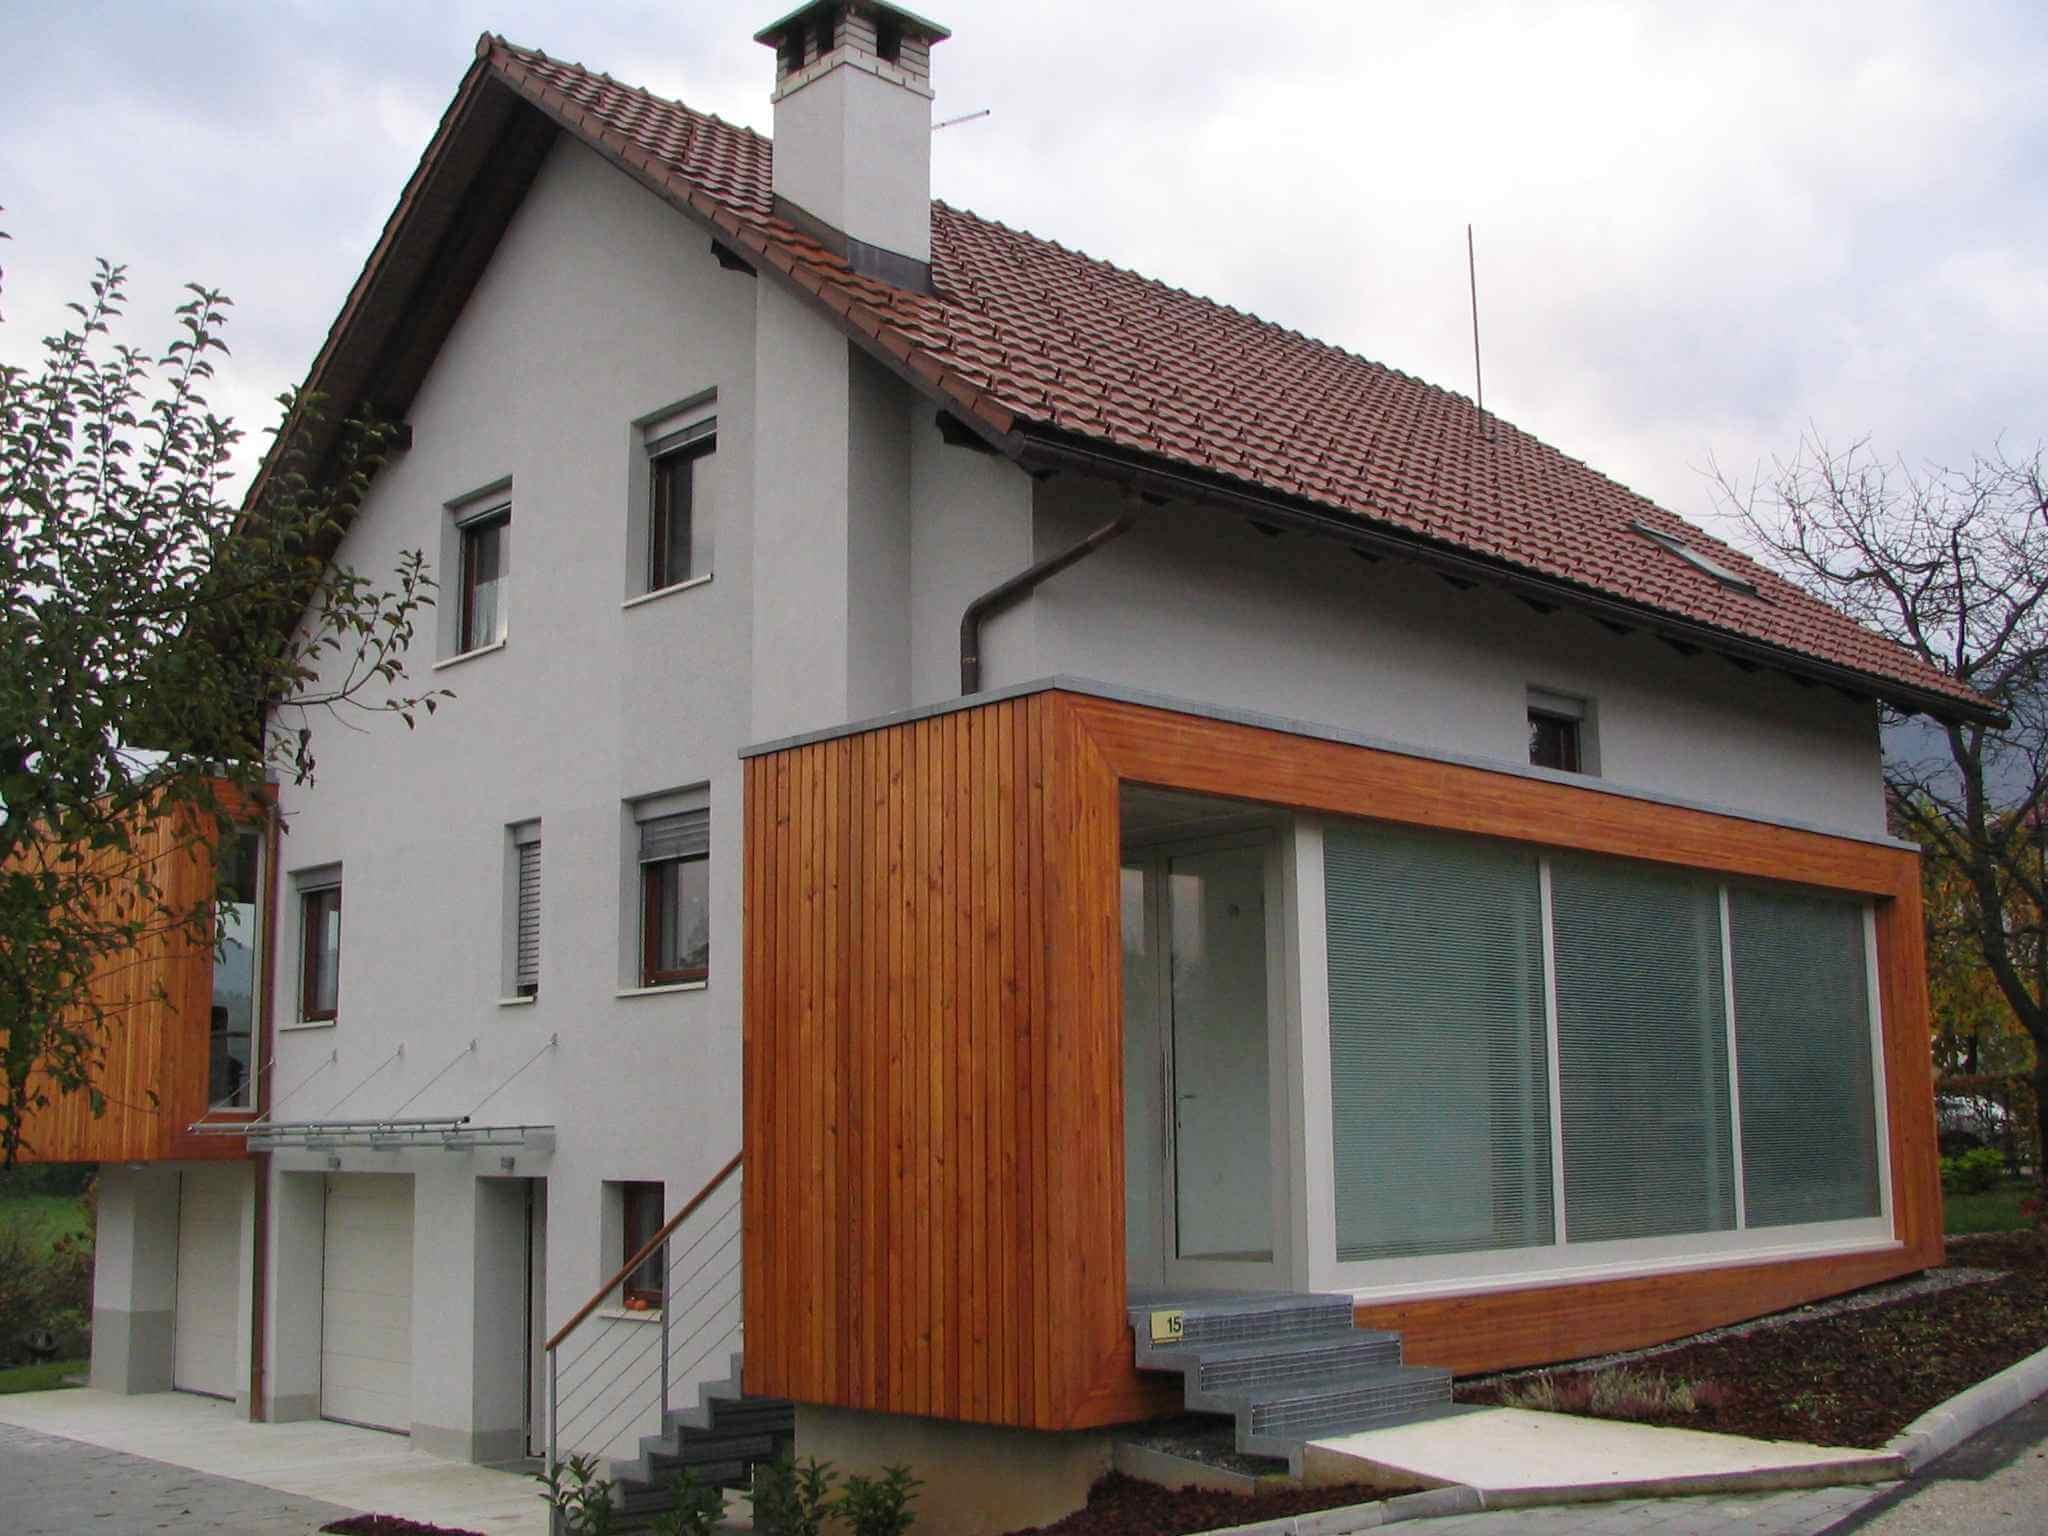 Projektna fotografija s_ceste_132.jpg